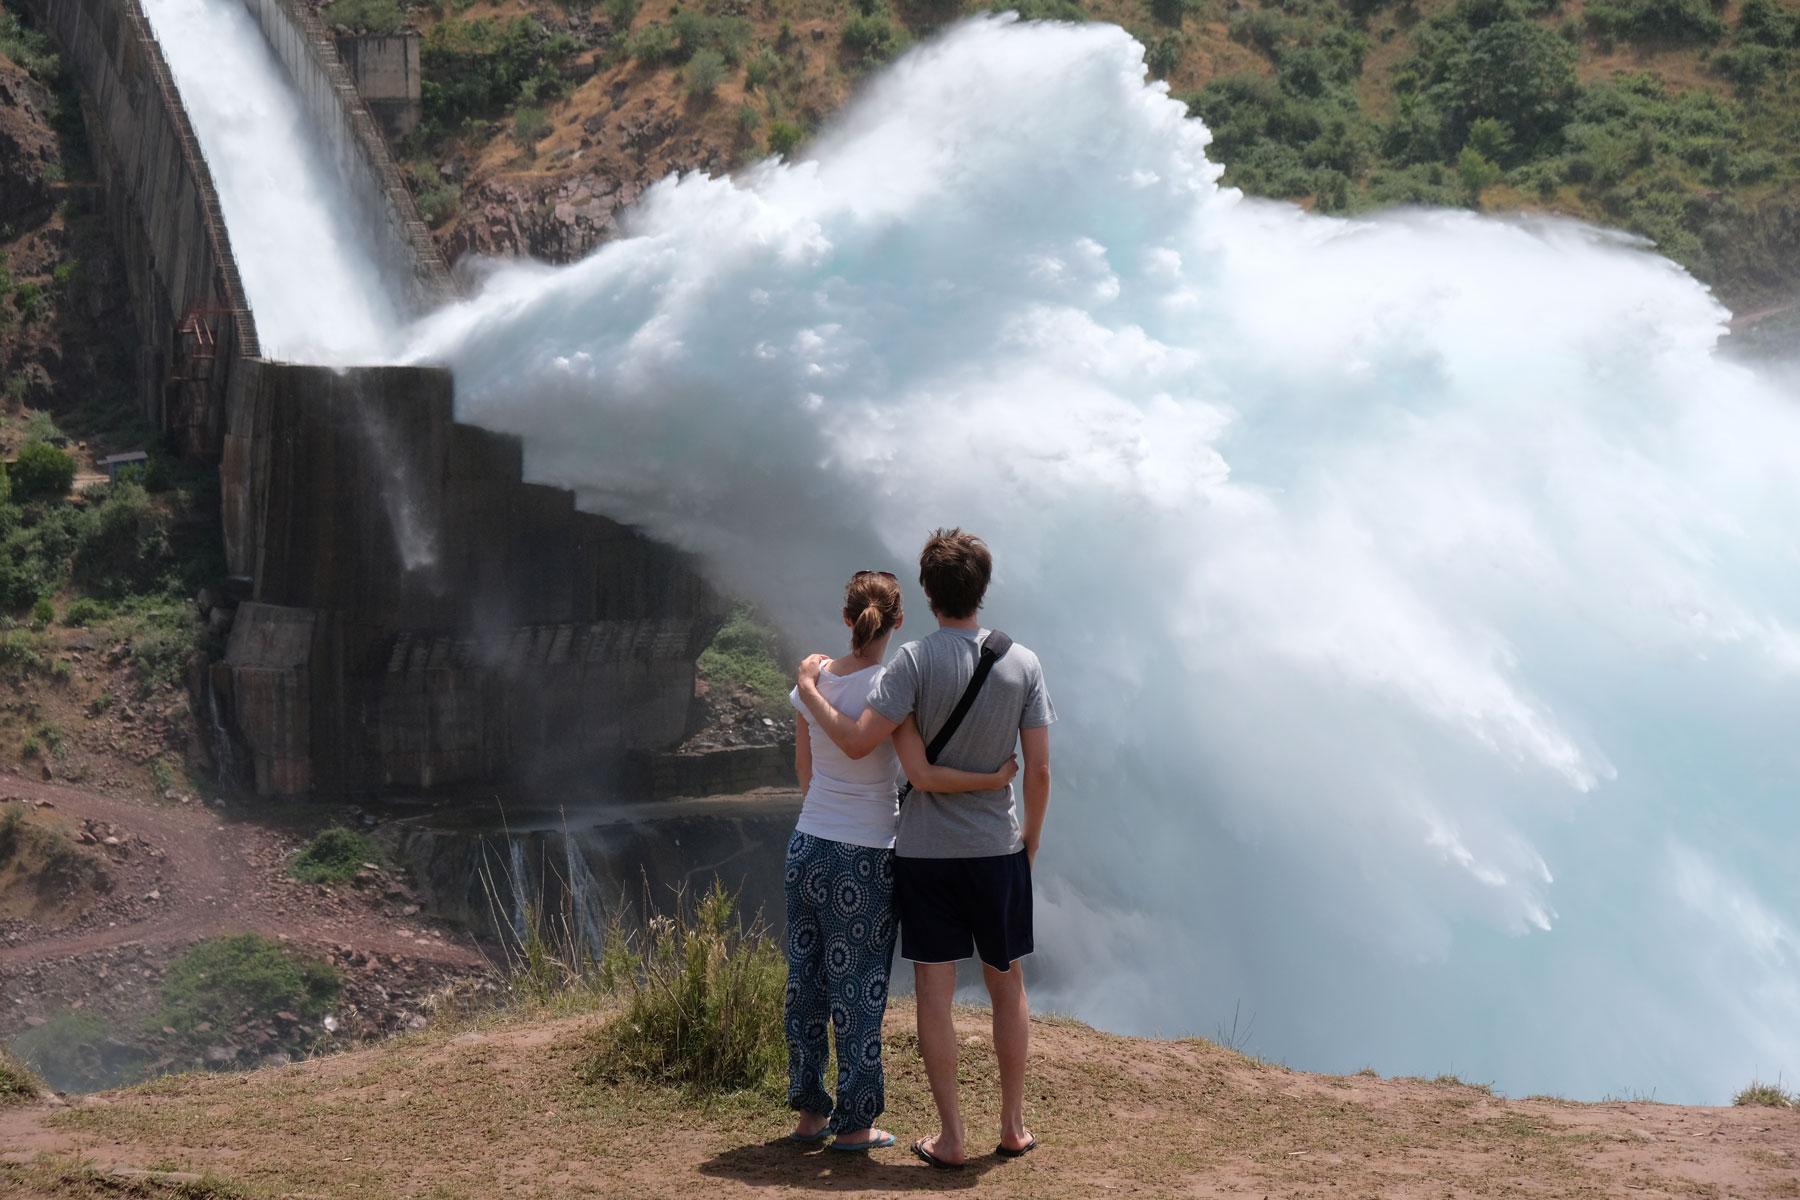 Leo und Sebastian vor einer gigantischen Wasserfontaine am Nurek-Stausee.